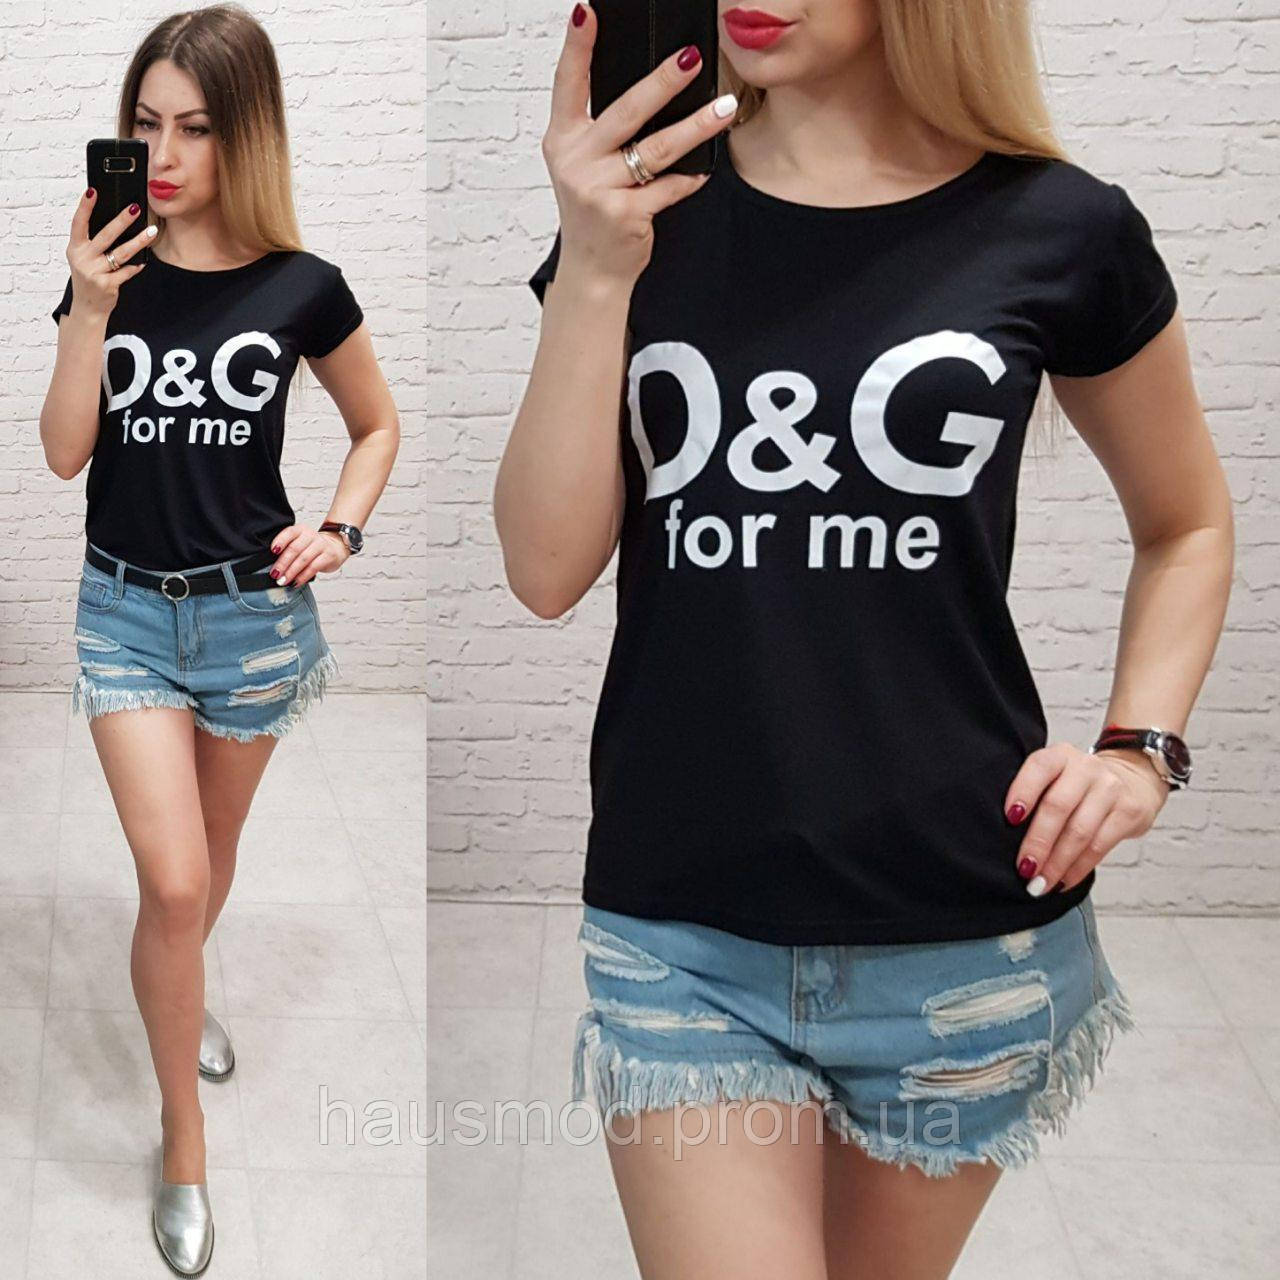 Женская футболка летняя реплика Dolce & Gabbana 100% катон качество турция цвет черный